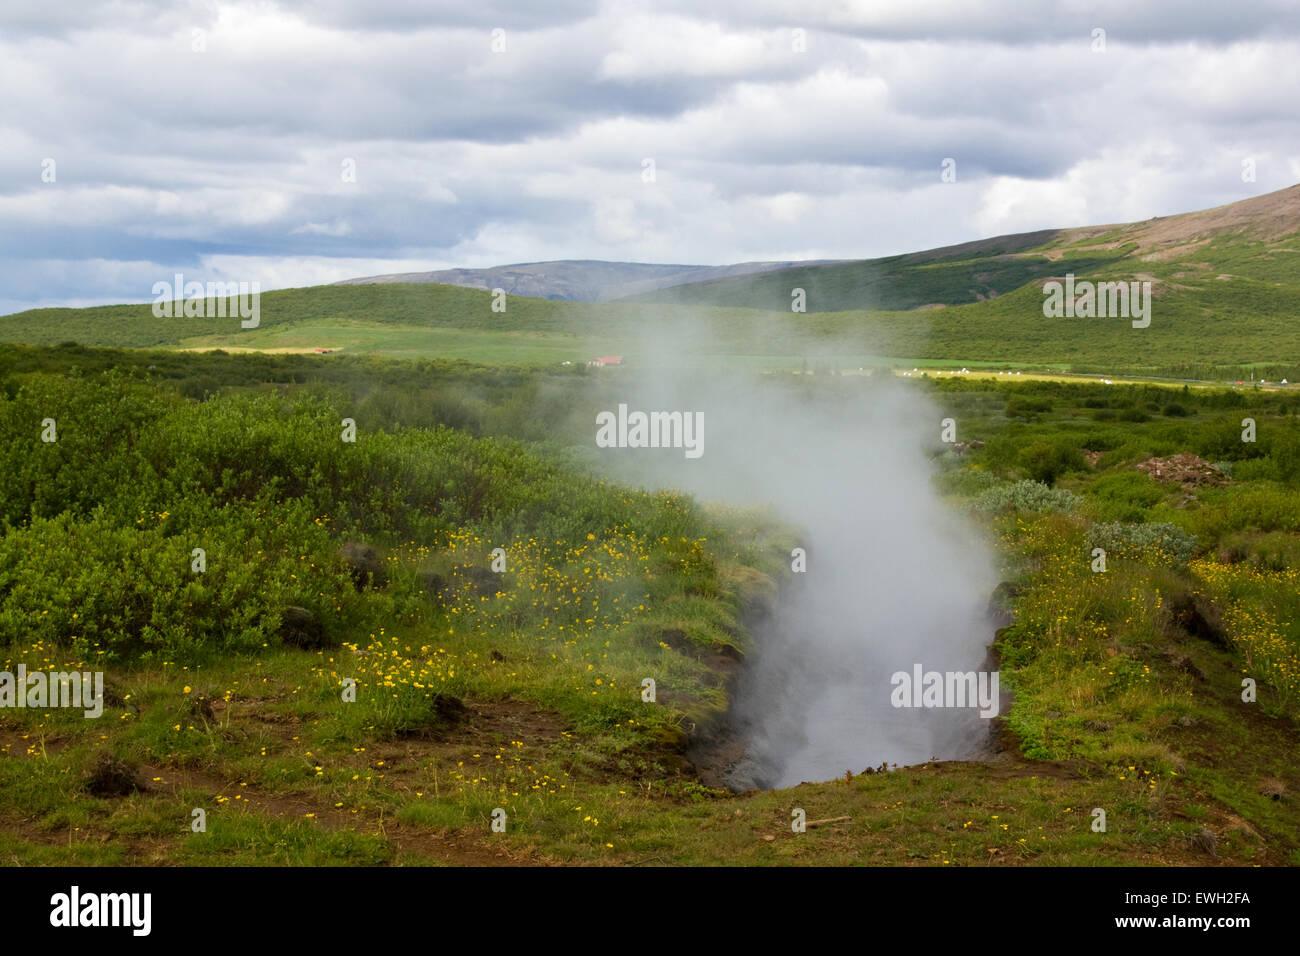 Hot Spring dans le sud-ouest de l'Islande Banque D'Images